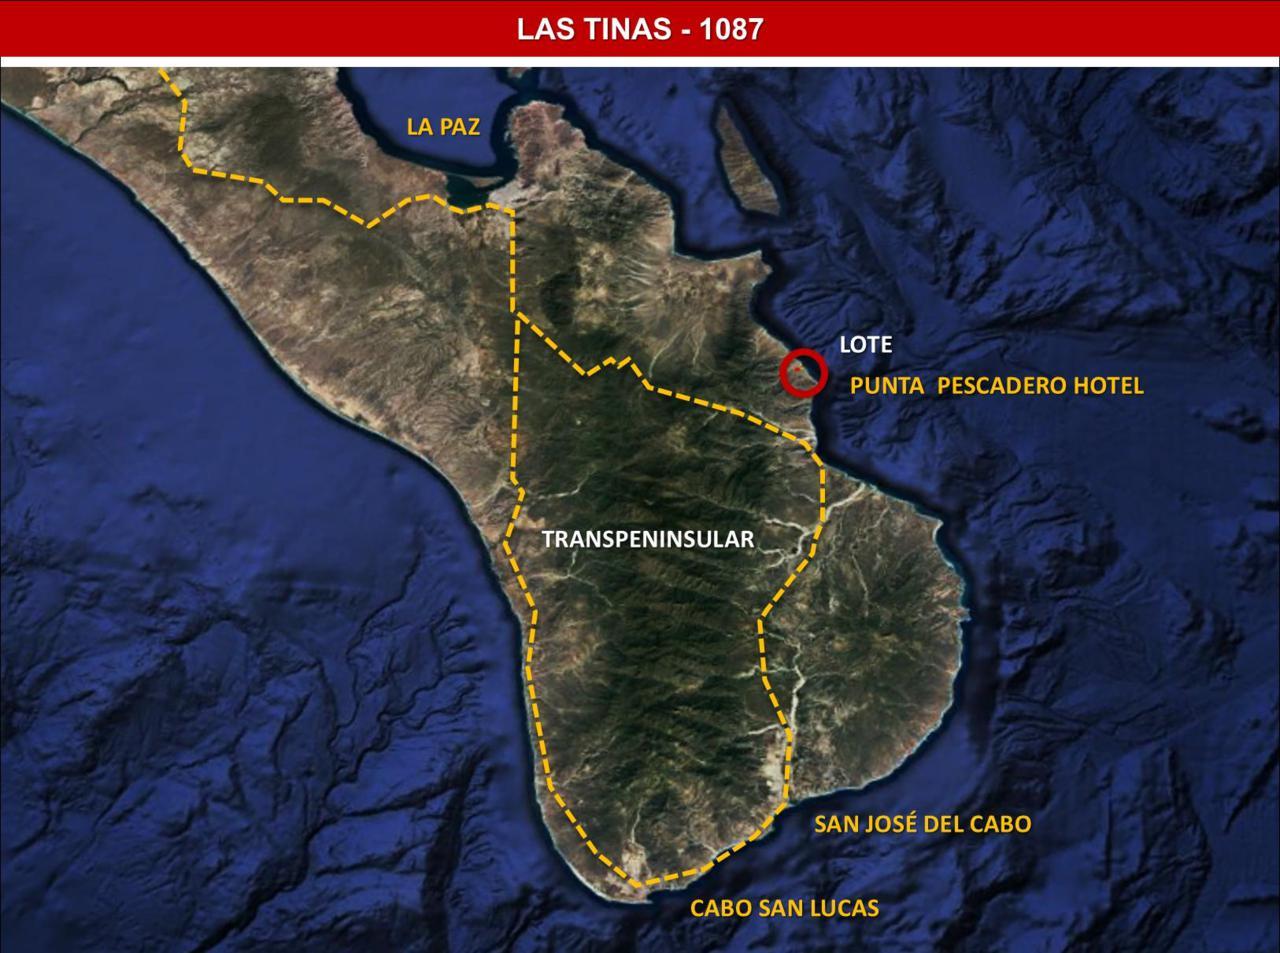 Las Tinas Lot 1087 - Photo 1